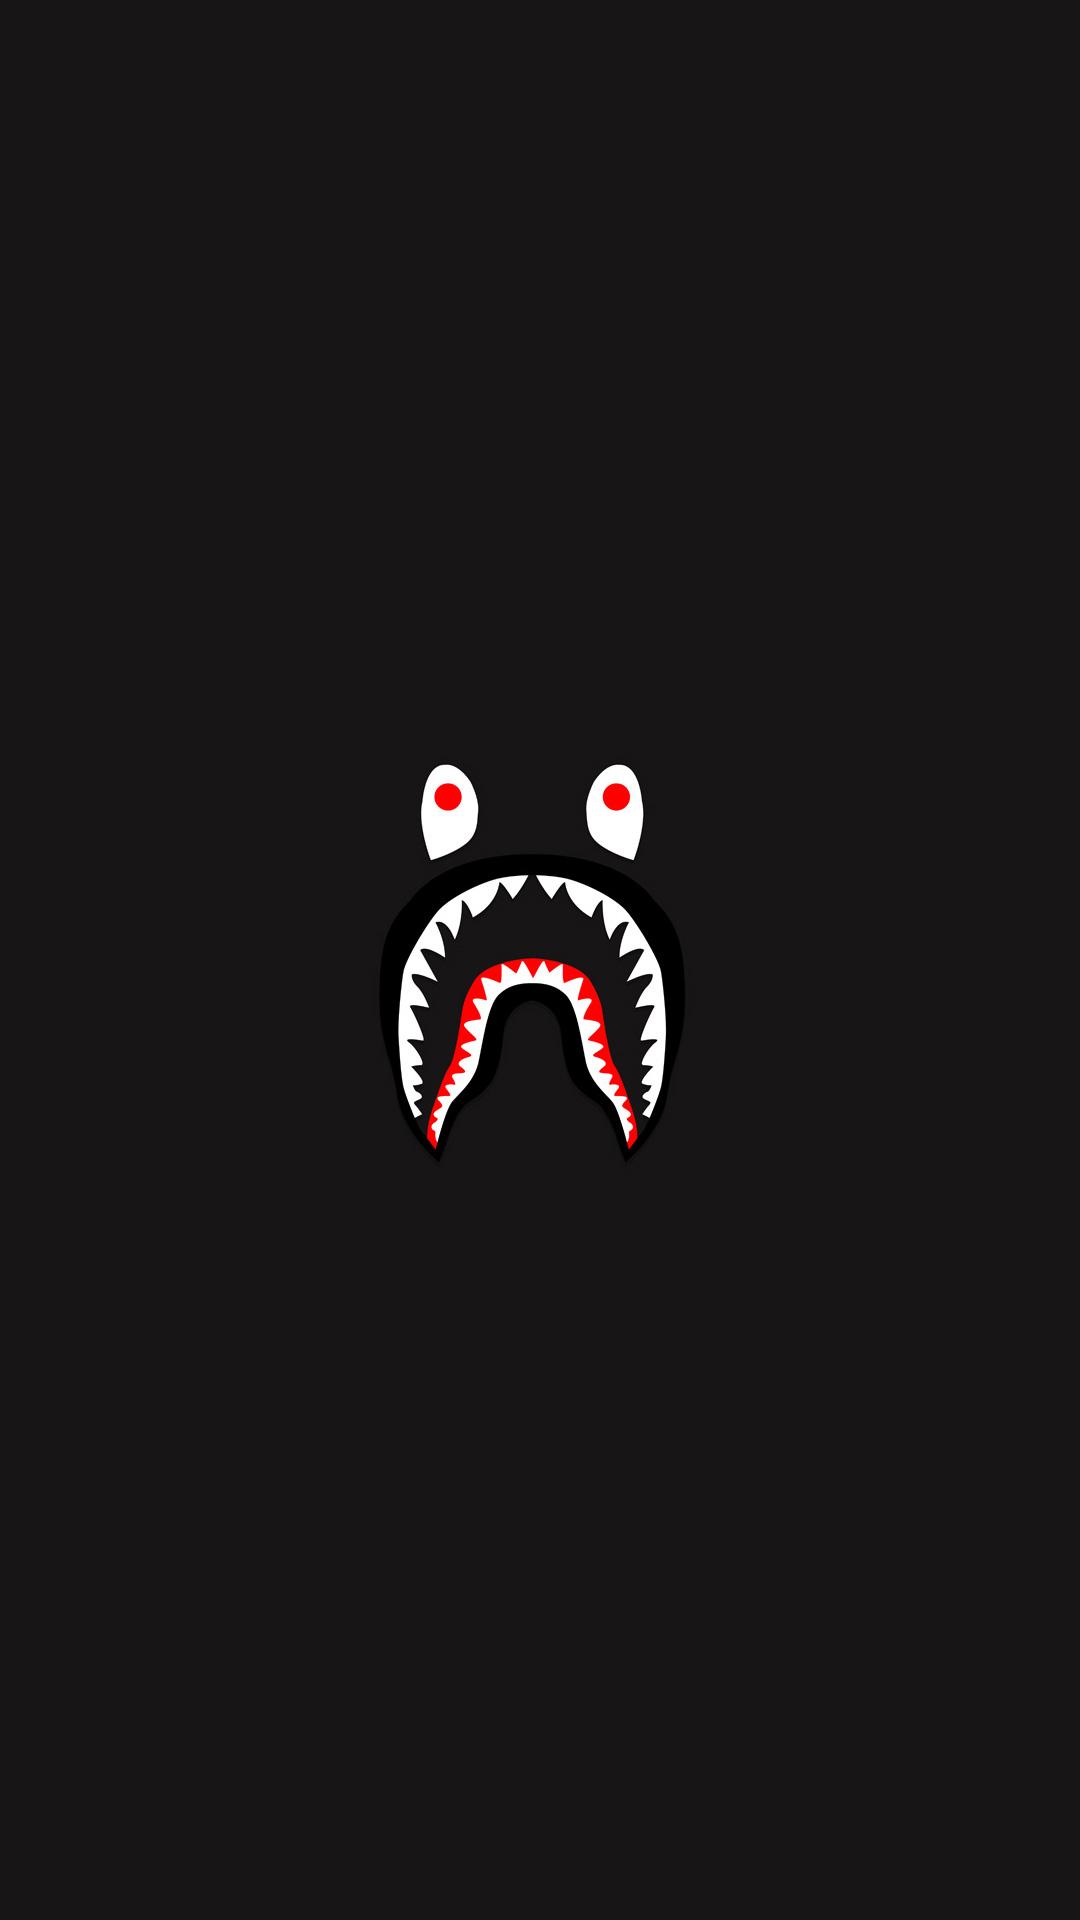 Bape Shark Wallpaper - CopEmLegit